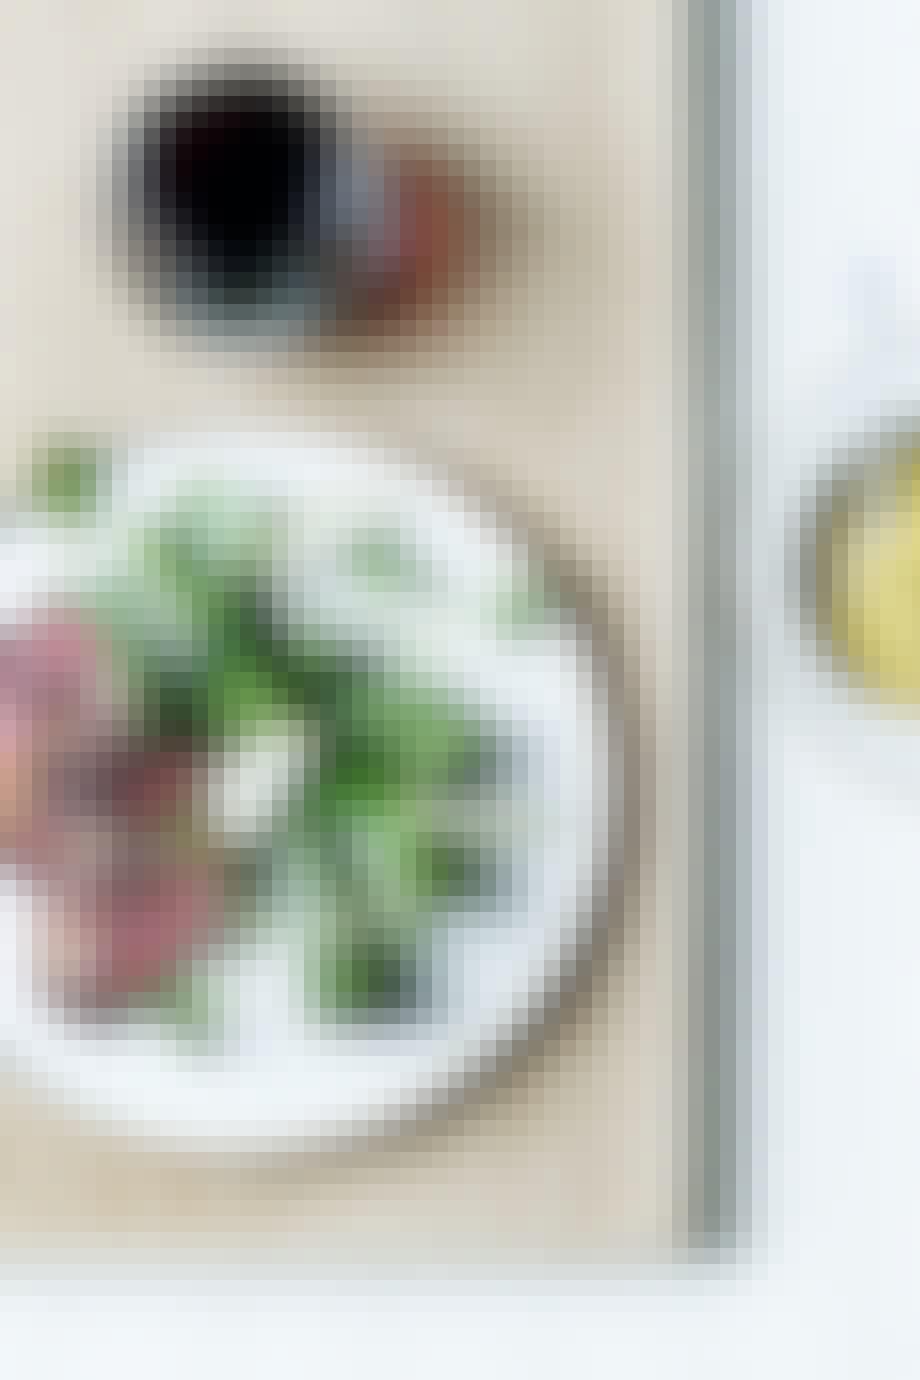 lam bearnaise løvstikke aftensmad opskrift